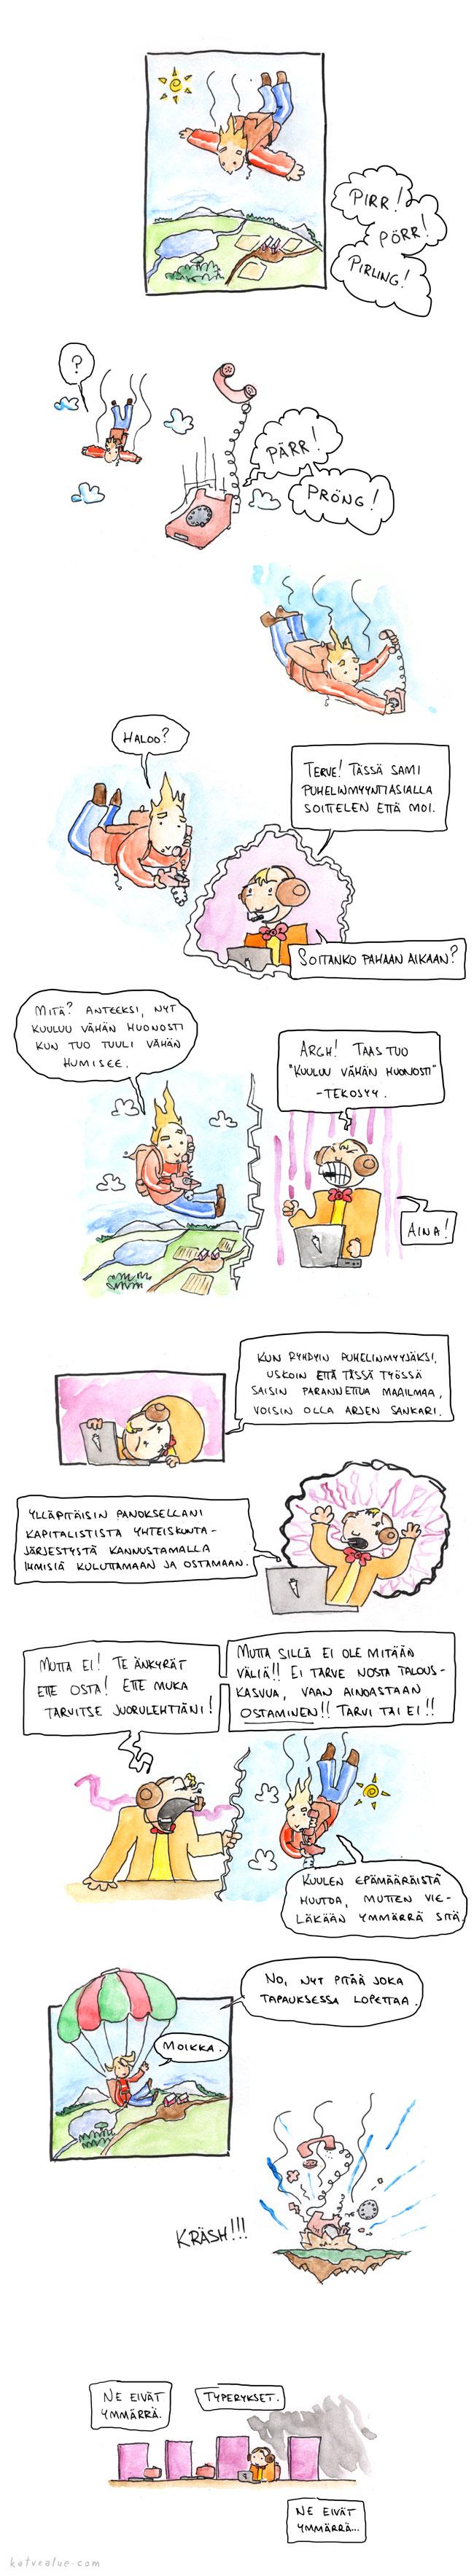 Laskuvarjopuhelu